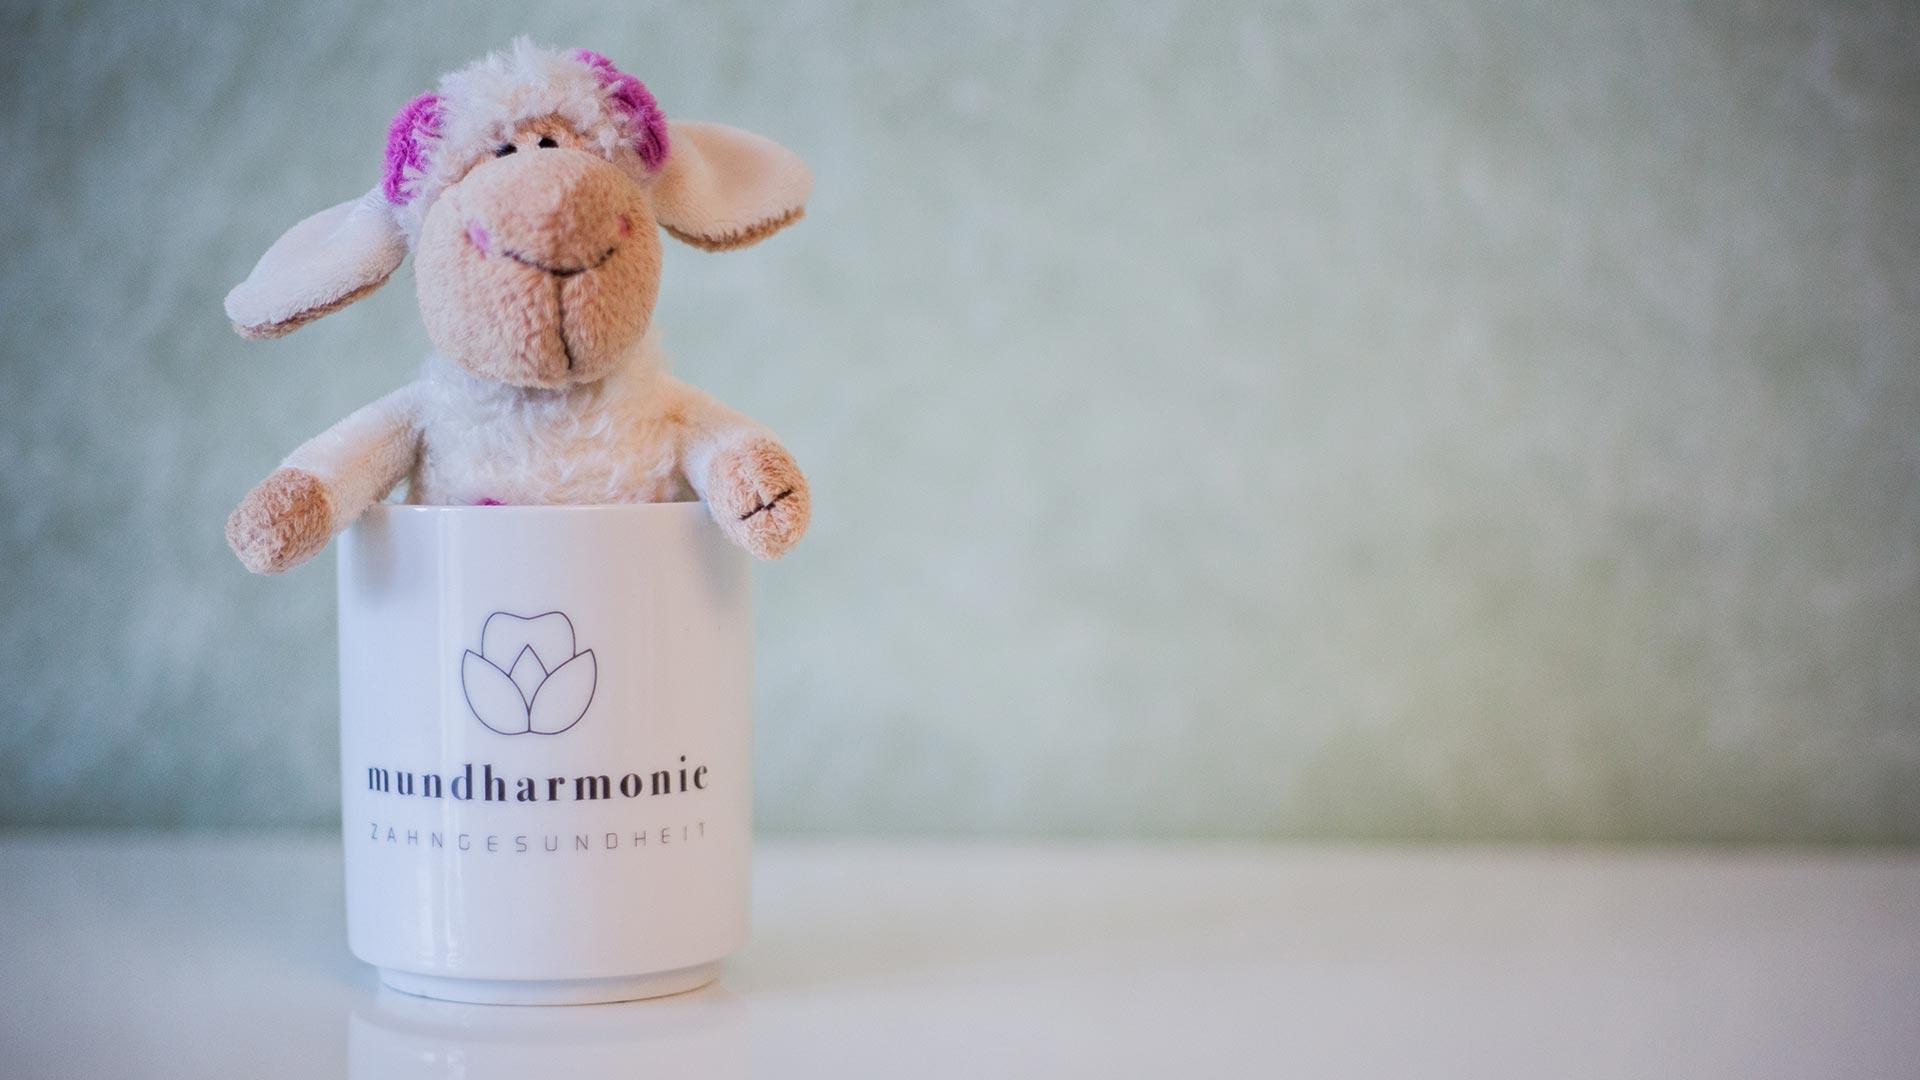 Schaf in Becher - Kindgerechte Zahnbehandlung bei Zahnarztpraxis mundharmonie Zahngesundheit in Freiburg